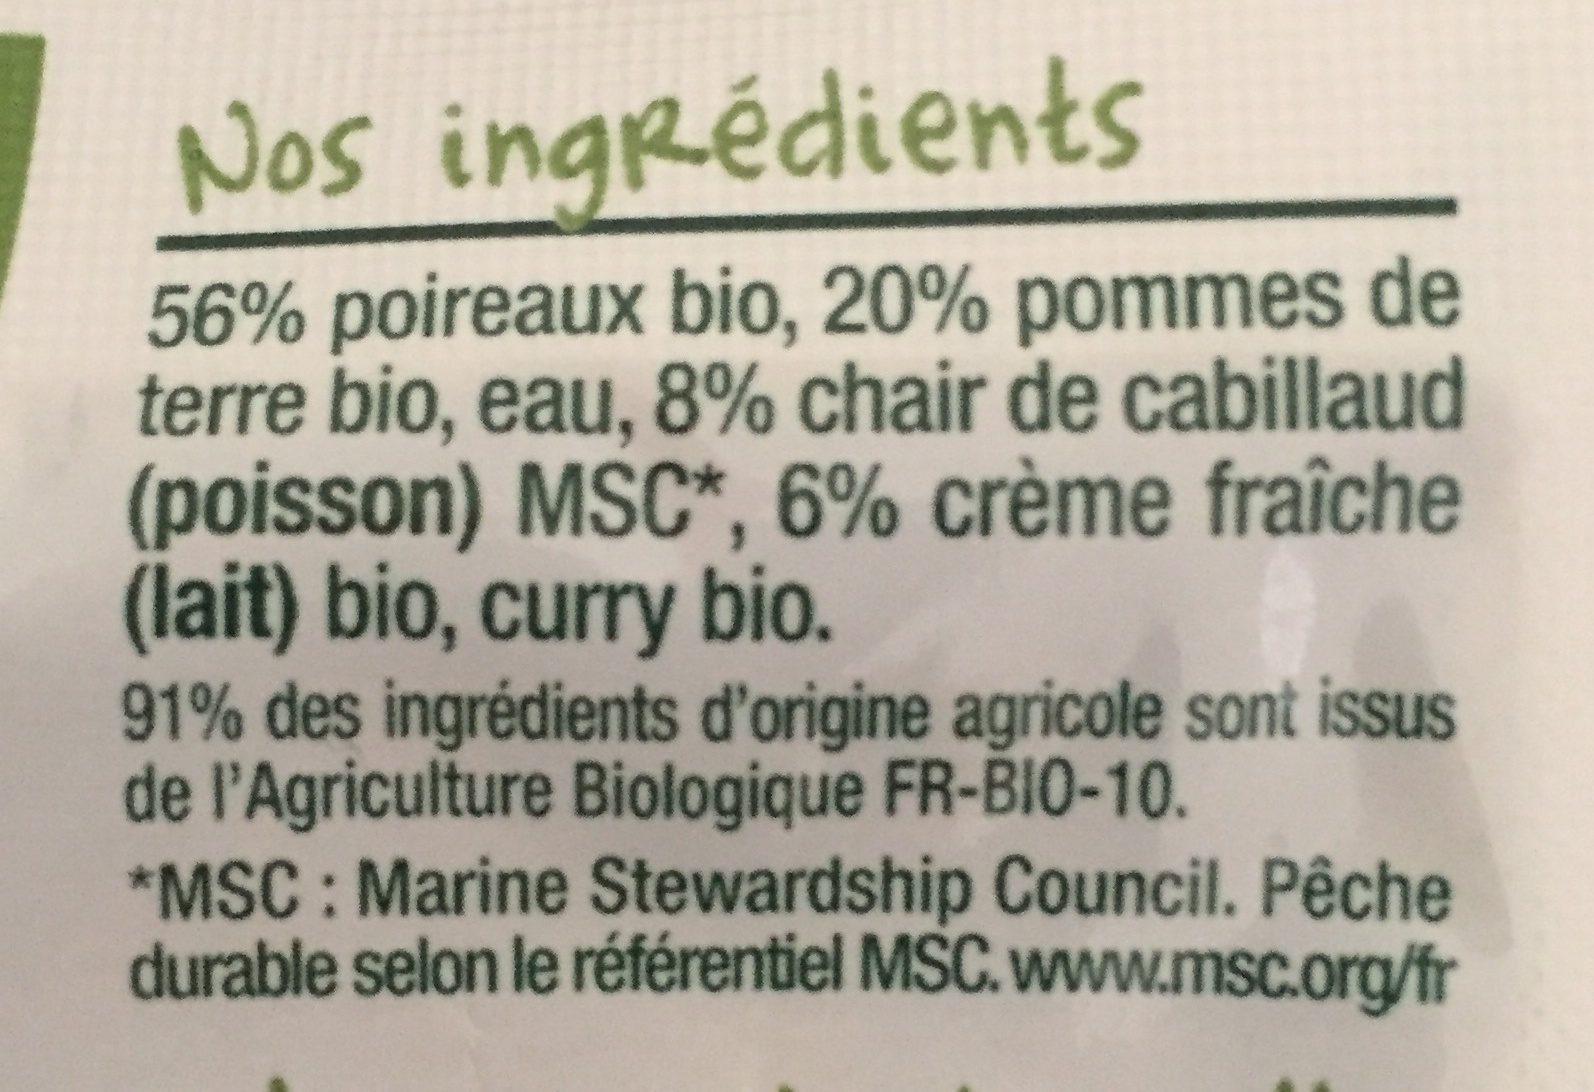 Fondue de poireaux, pommes de terre, Cabillaud-Good Gout-190g - Ingredients - fr